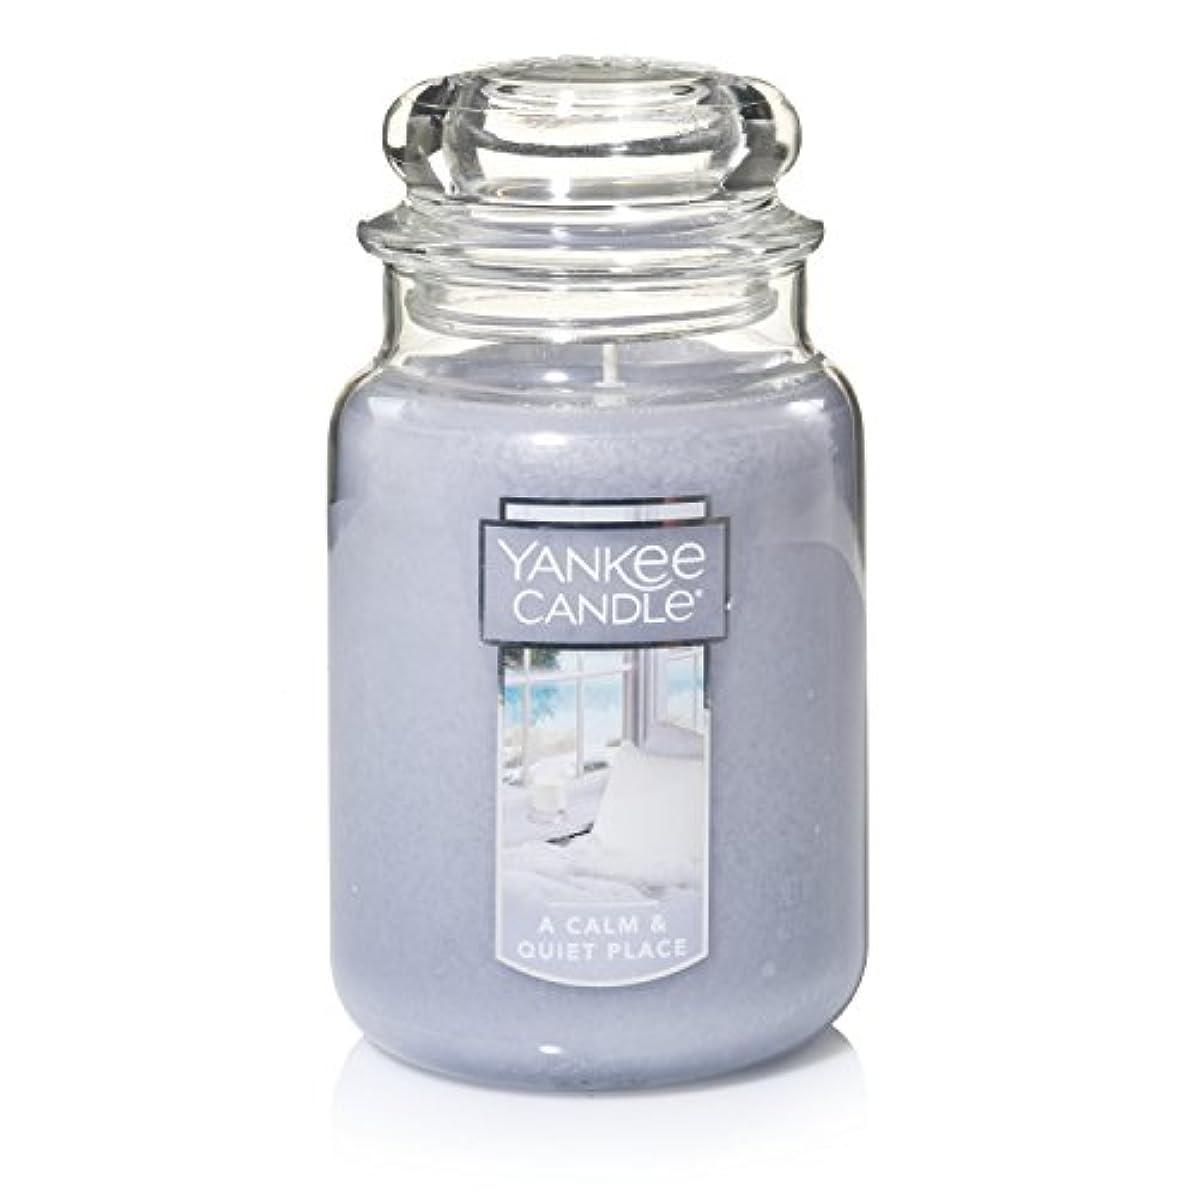 ラブいつ広告主Yankee Candle A Calm & Quiet Place Jar Candle , Large